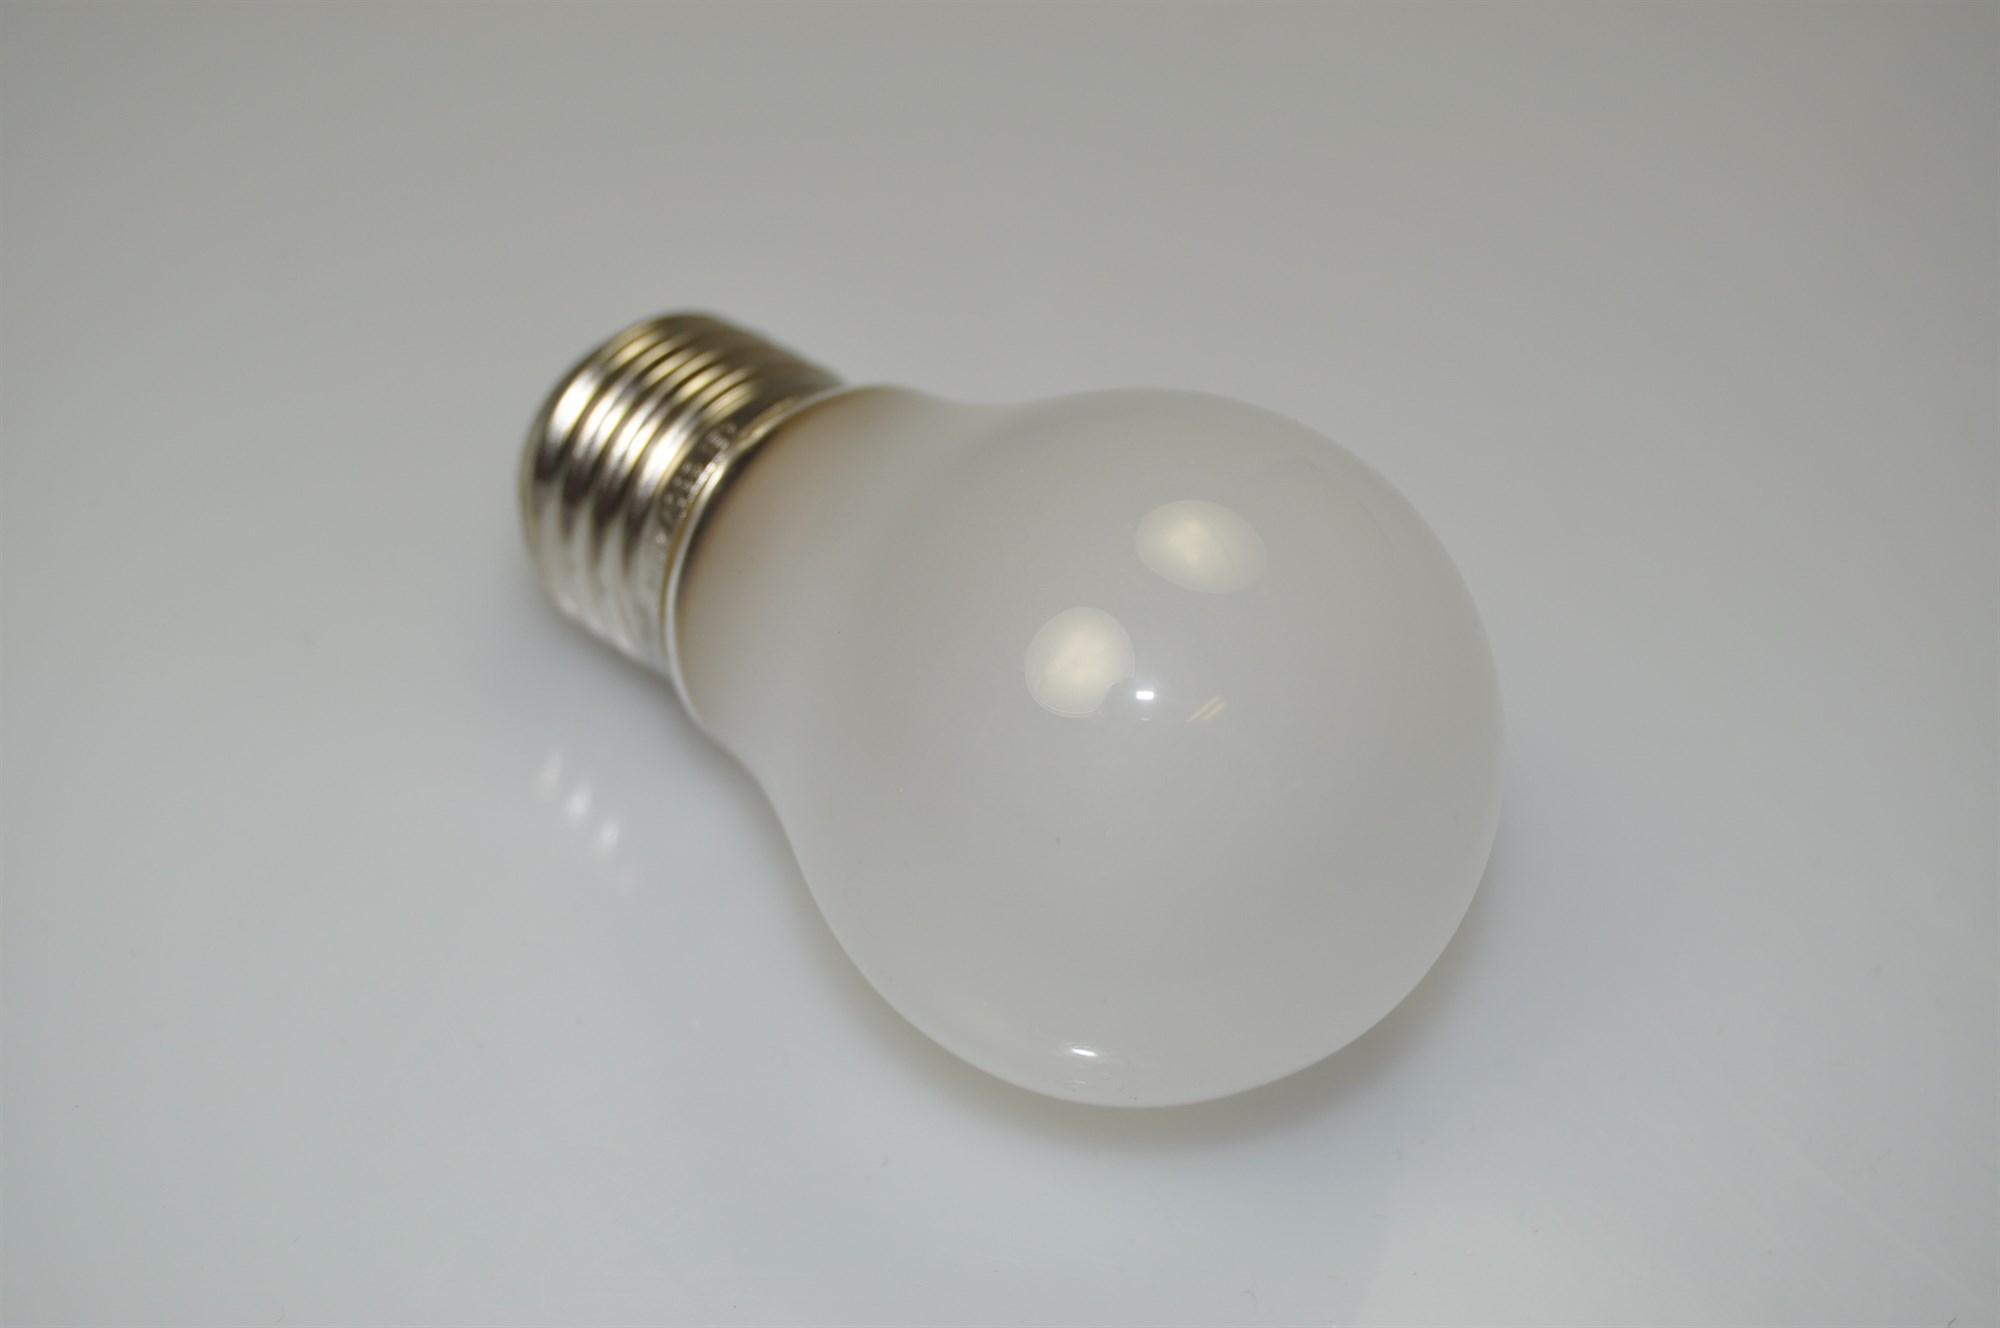 Kühlschrank Glühbirne : Glühbirne lg electronics side by side kühlschrank